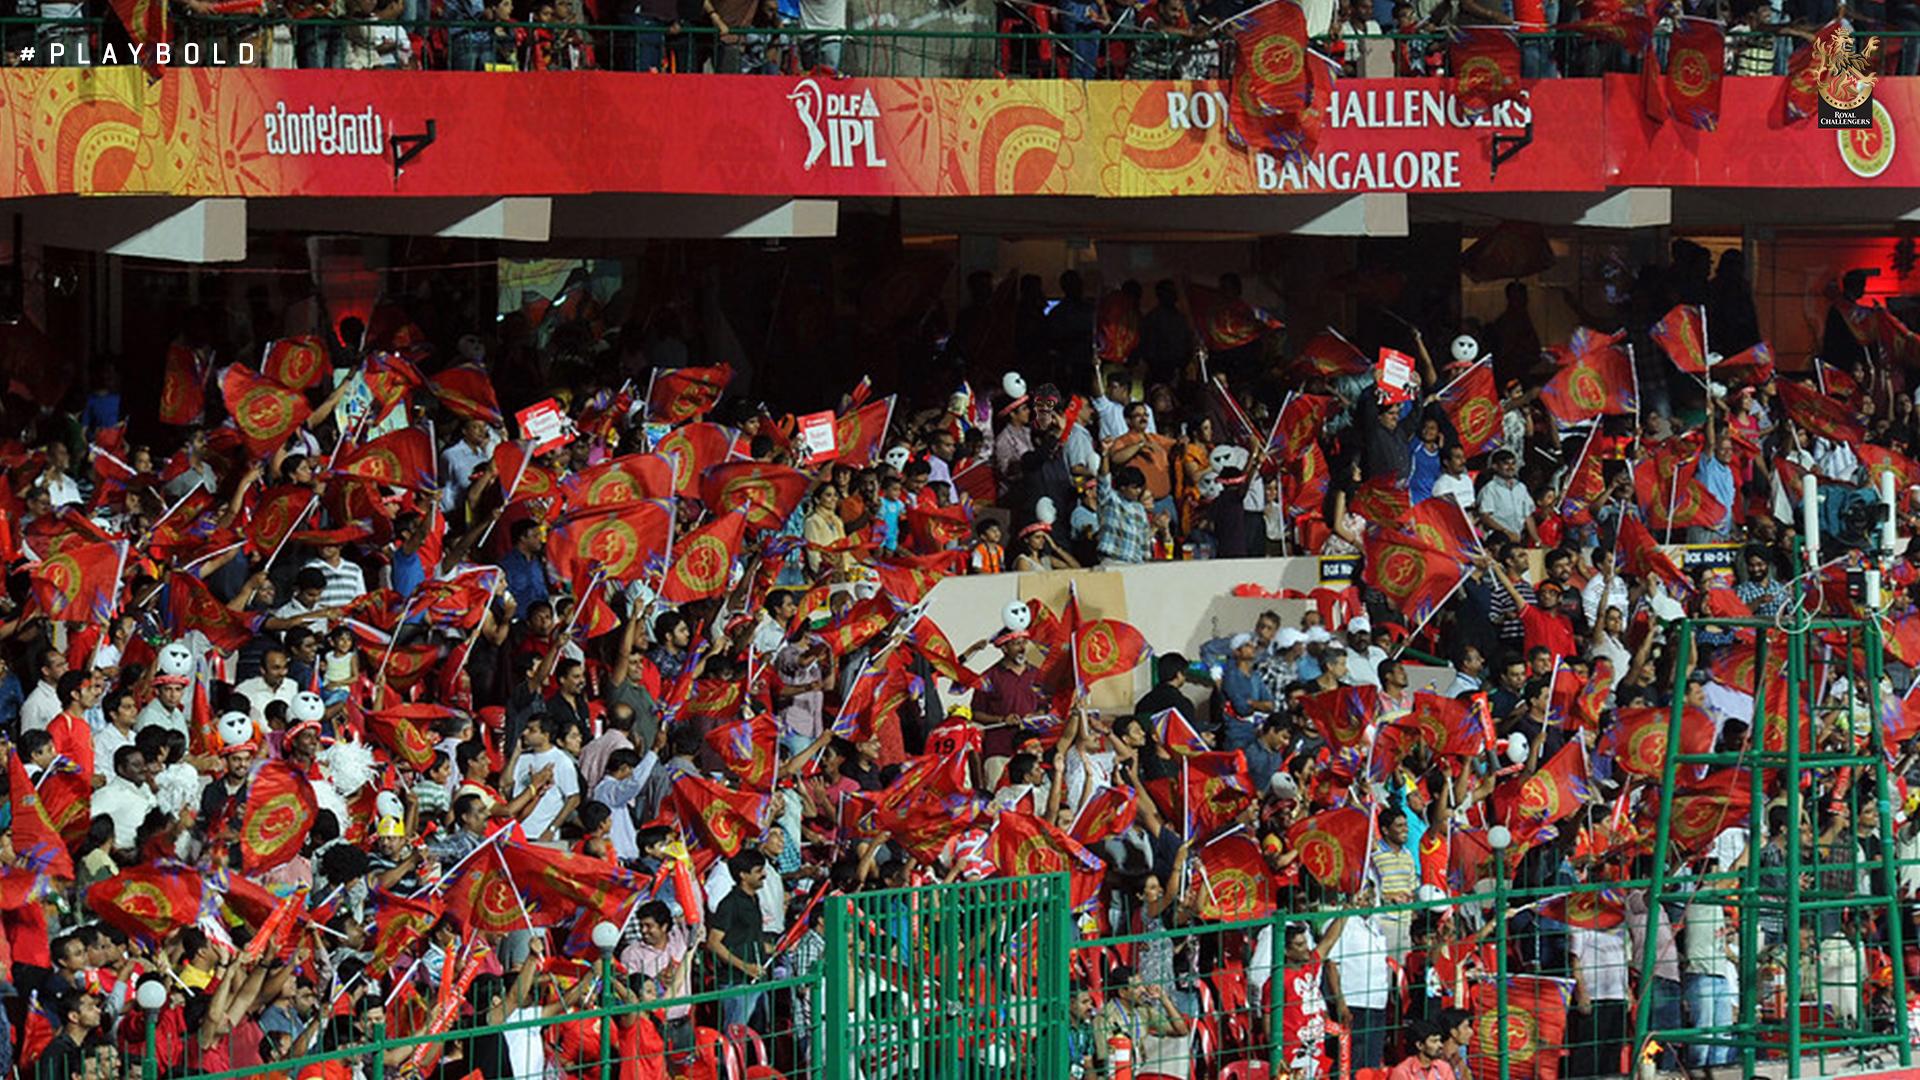 IPL - M. Chinnaswamy Bangalore